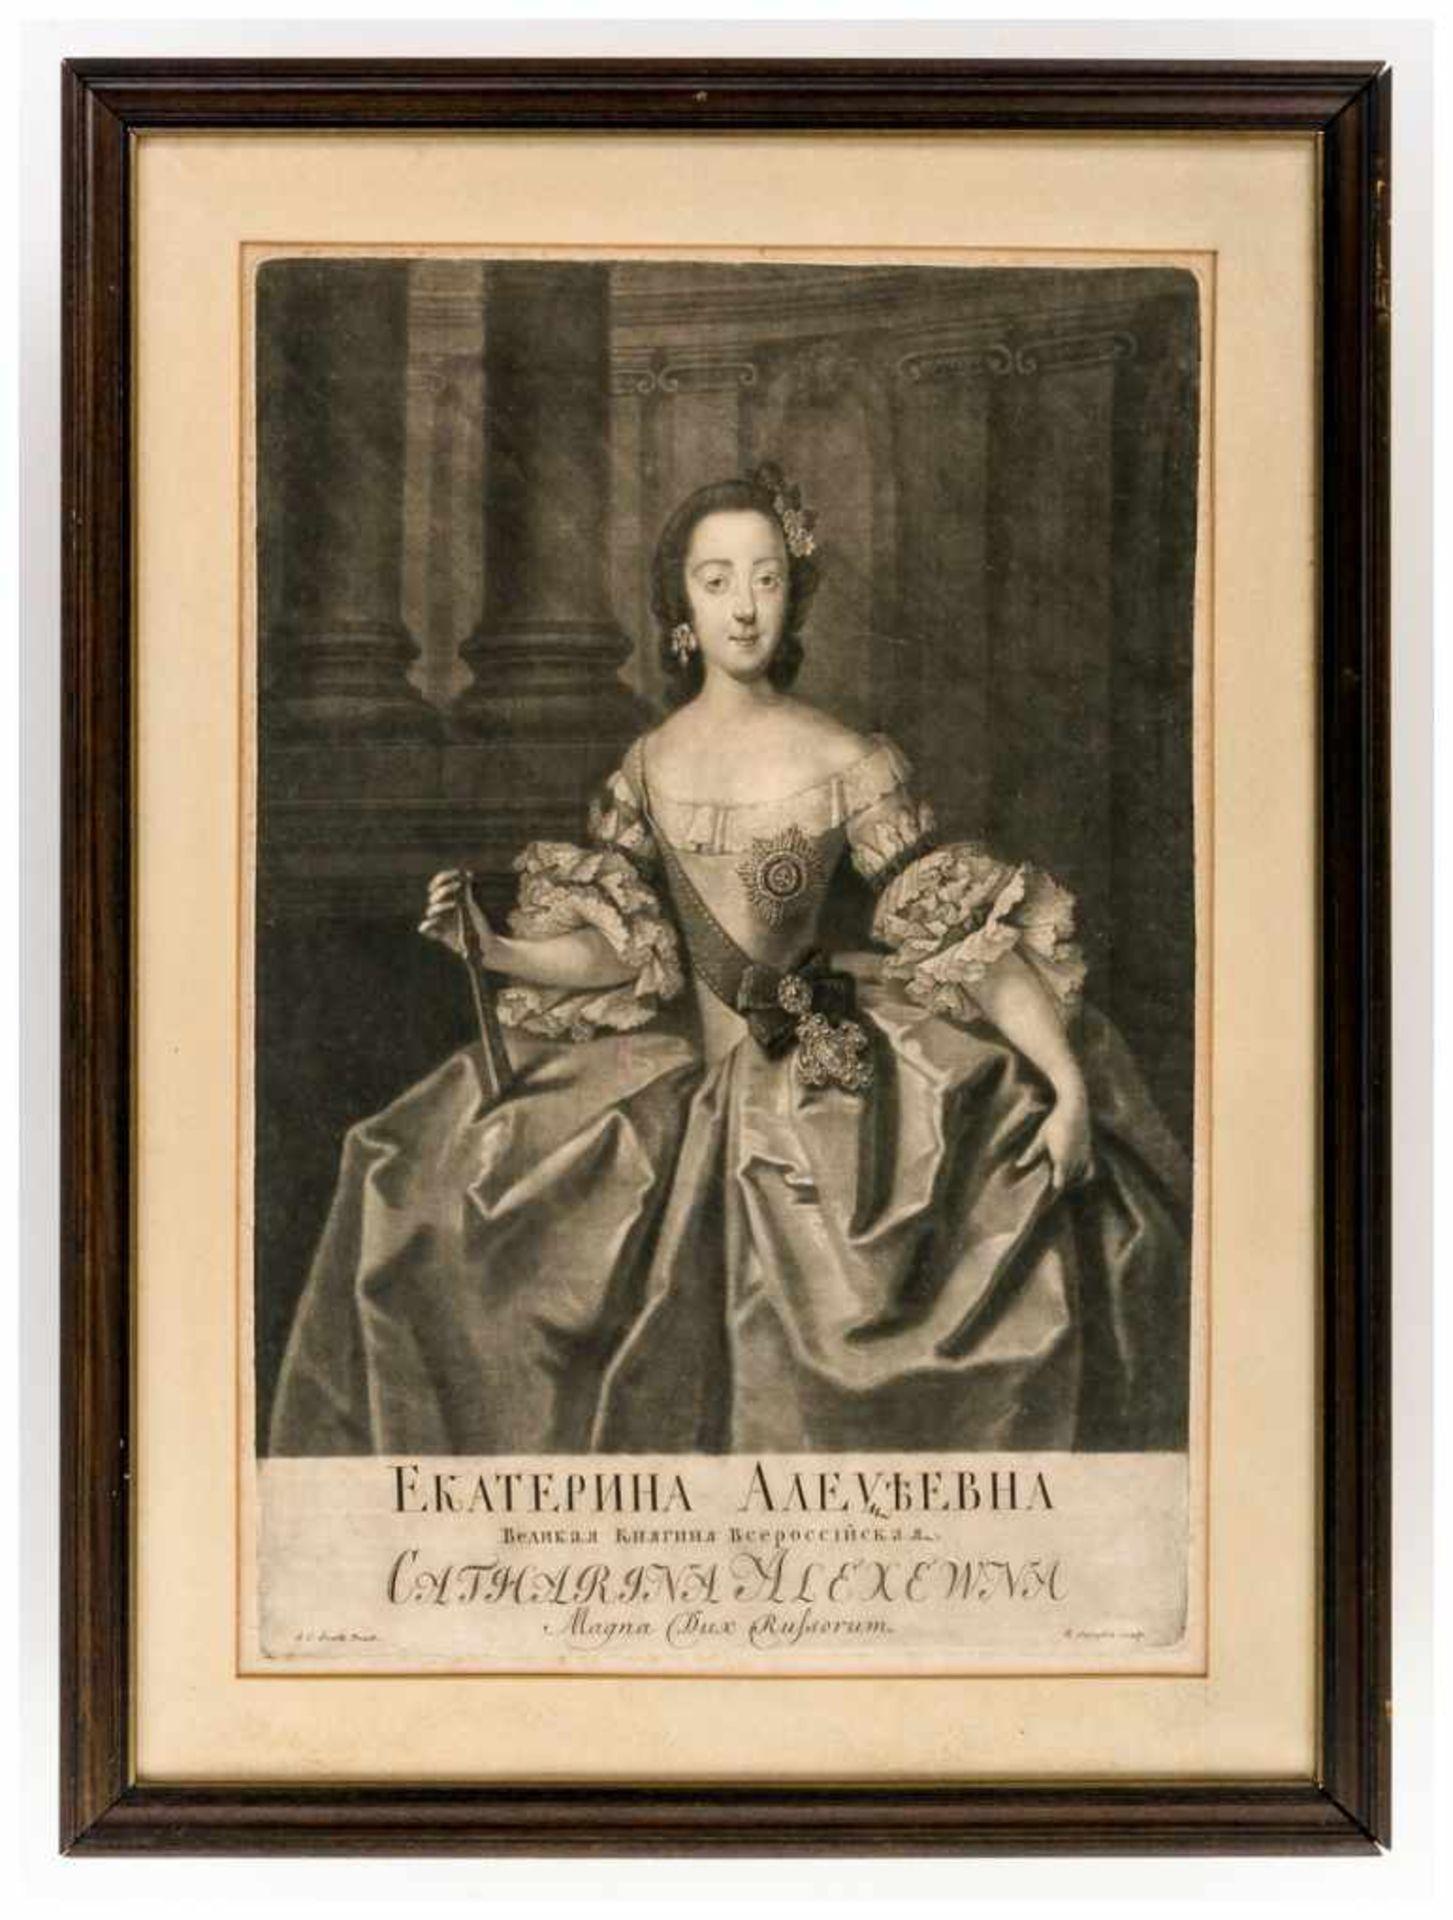 Los 53 - Großfürstin Katharina Aleksejewna, Zarin von Russland Kupferstich, um 1750 von Johann Stenglin (1715